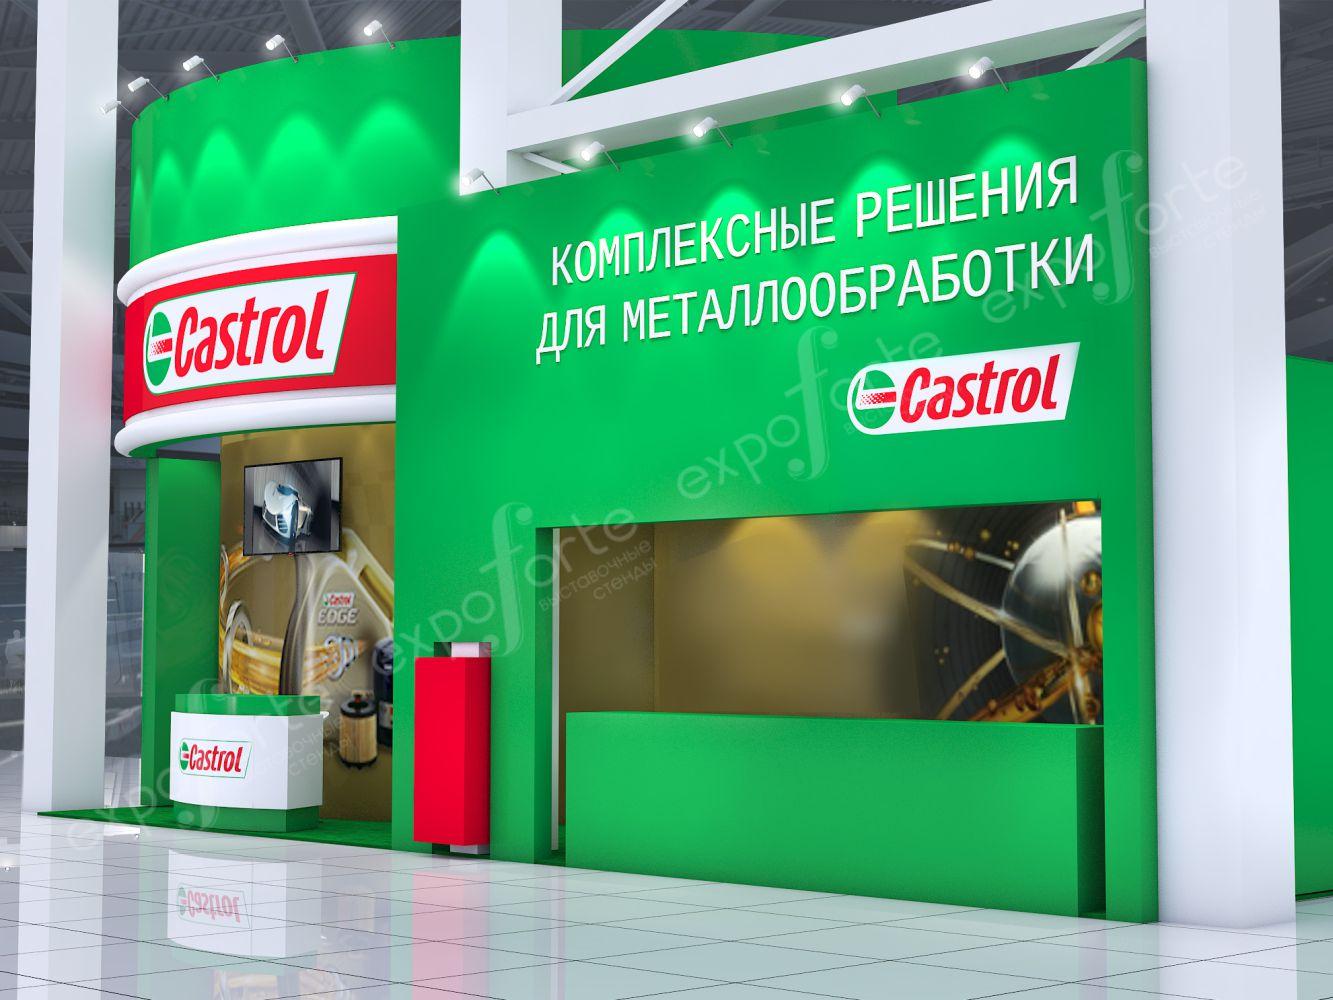 Фото: CASTROL, выставка МЕТАЛЛООБРАБОТКА – картинка 4